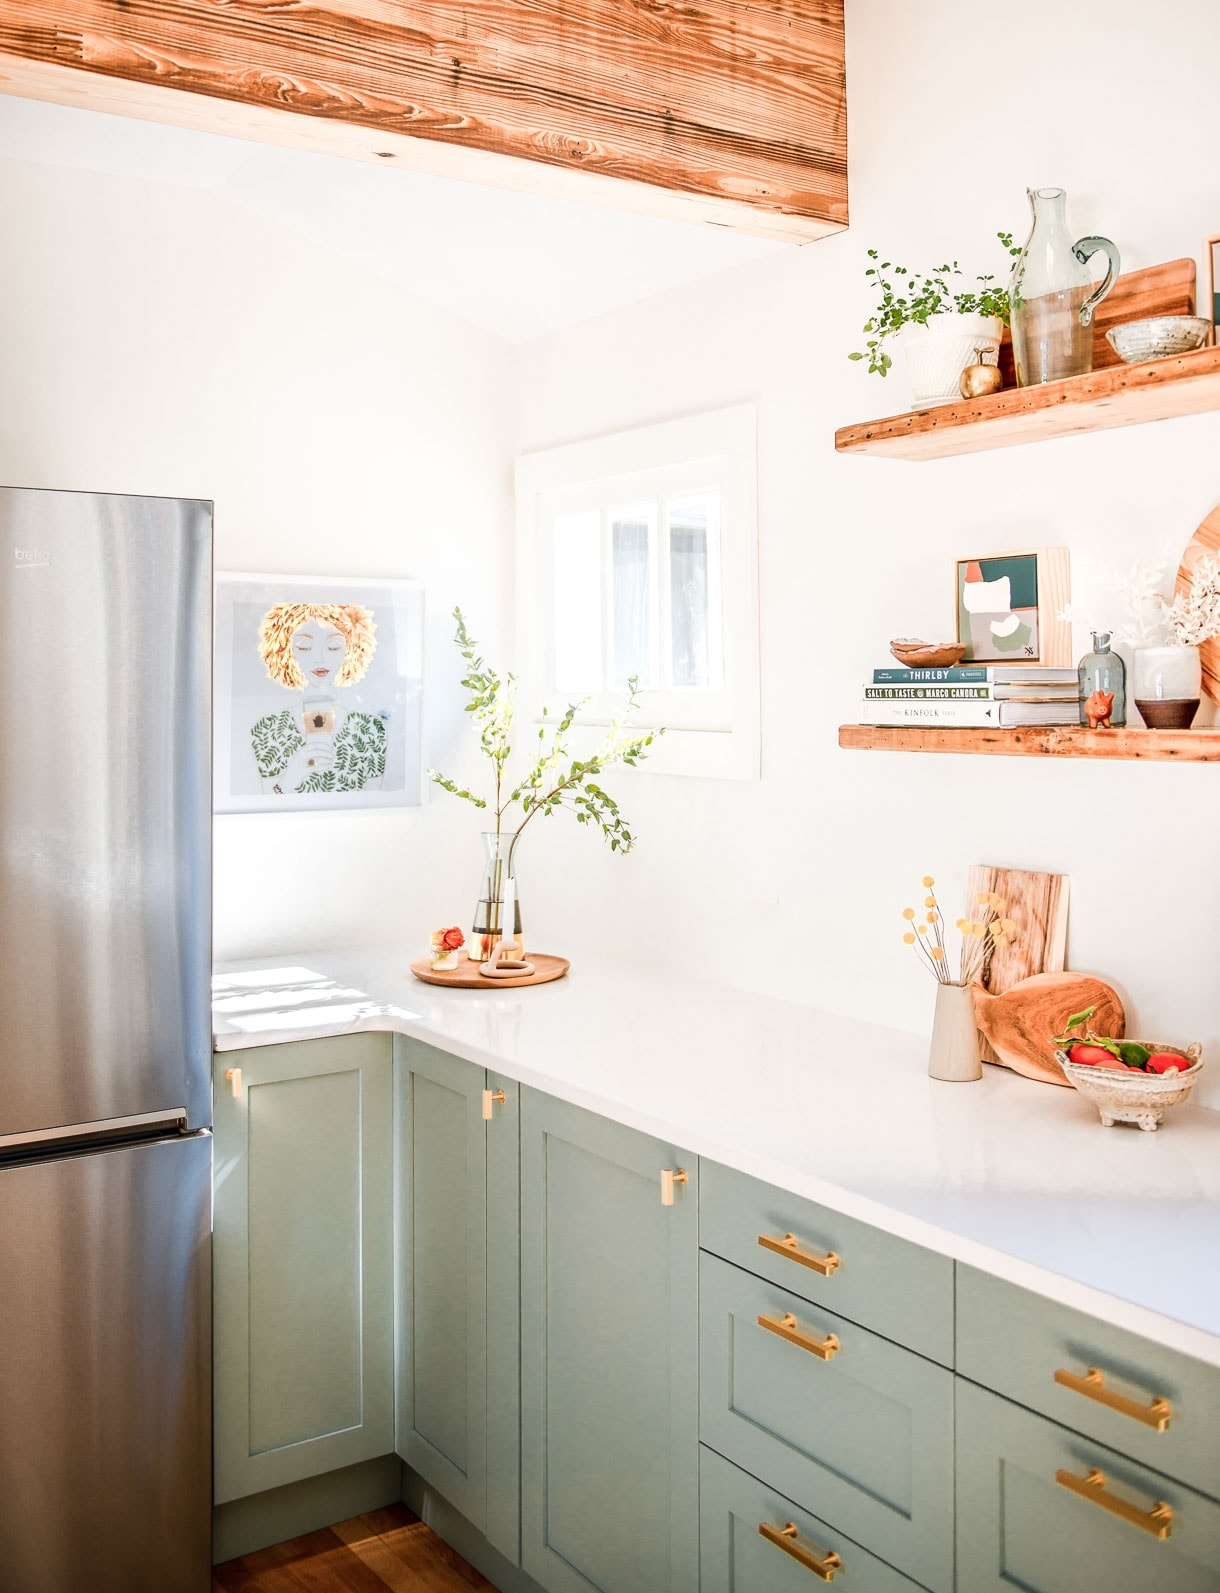 sage green kitchen cabinets, white kitchen